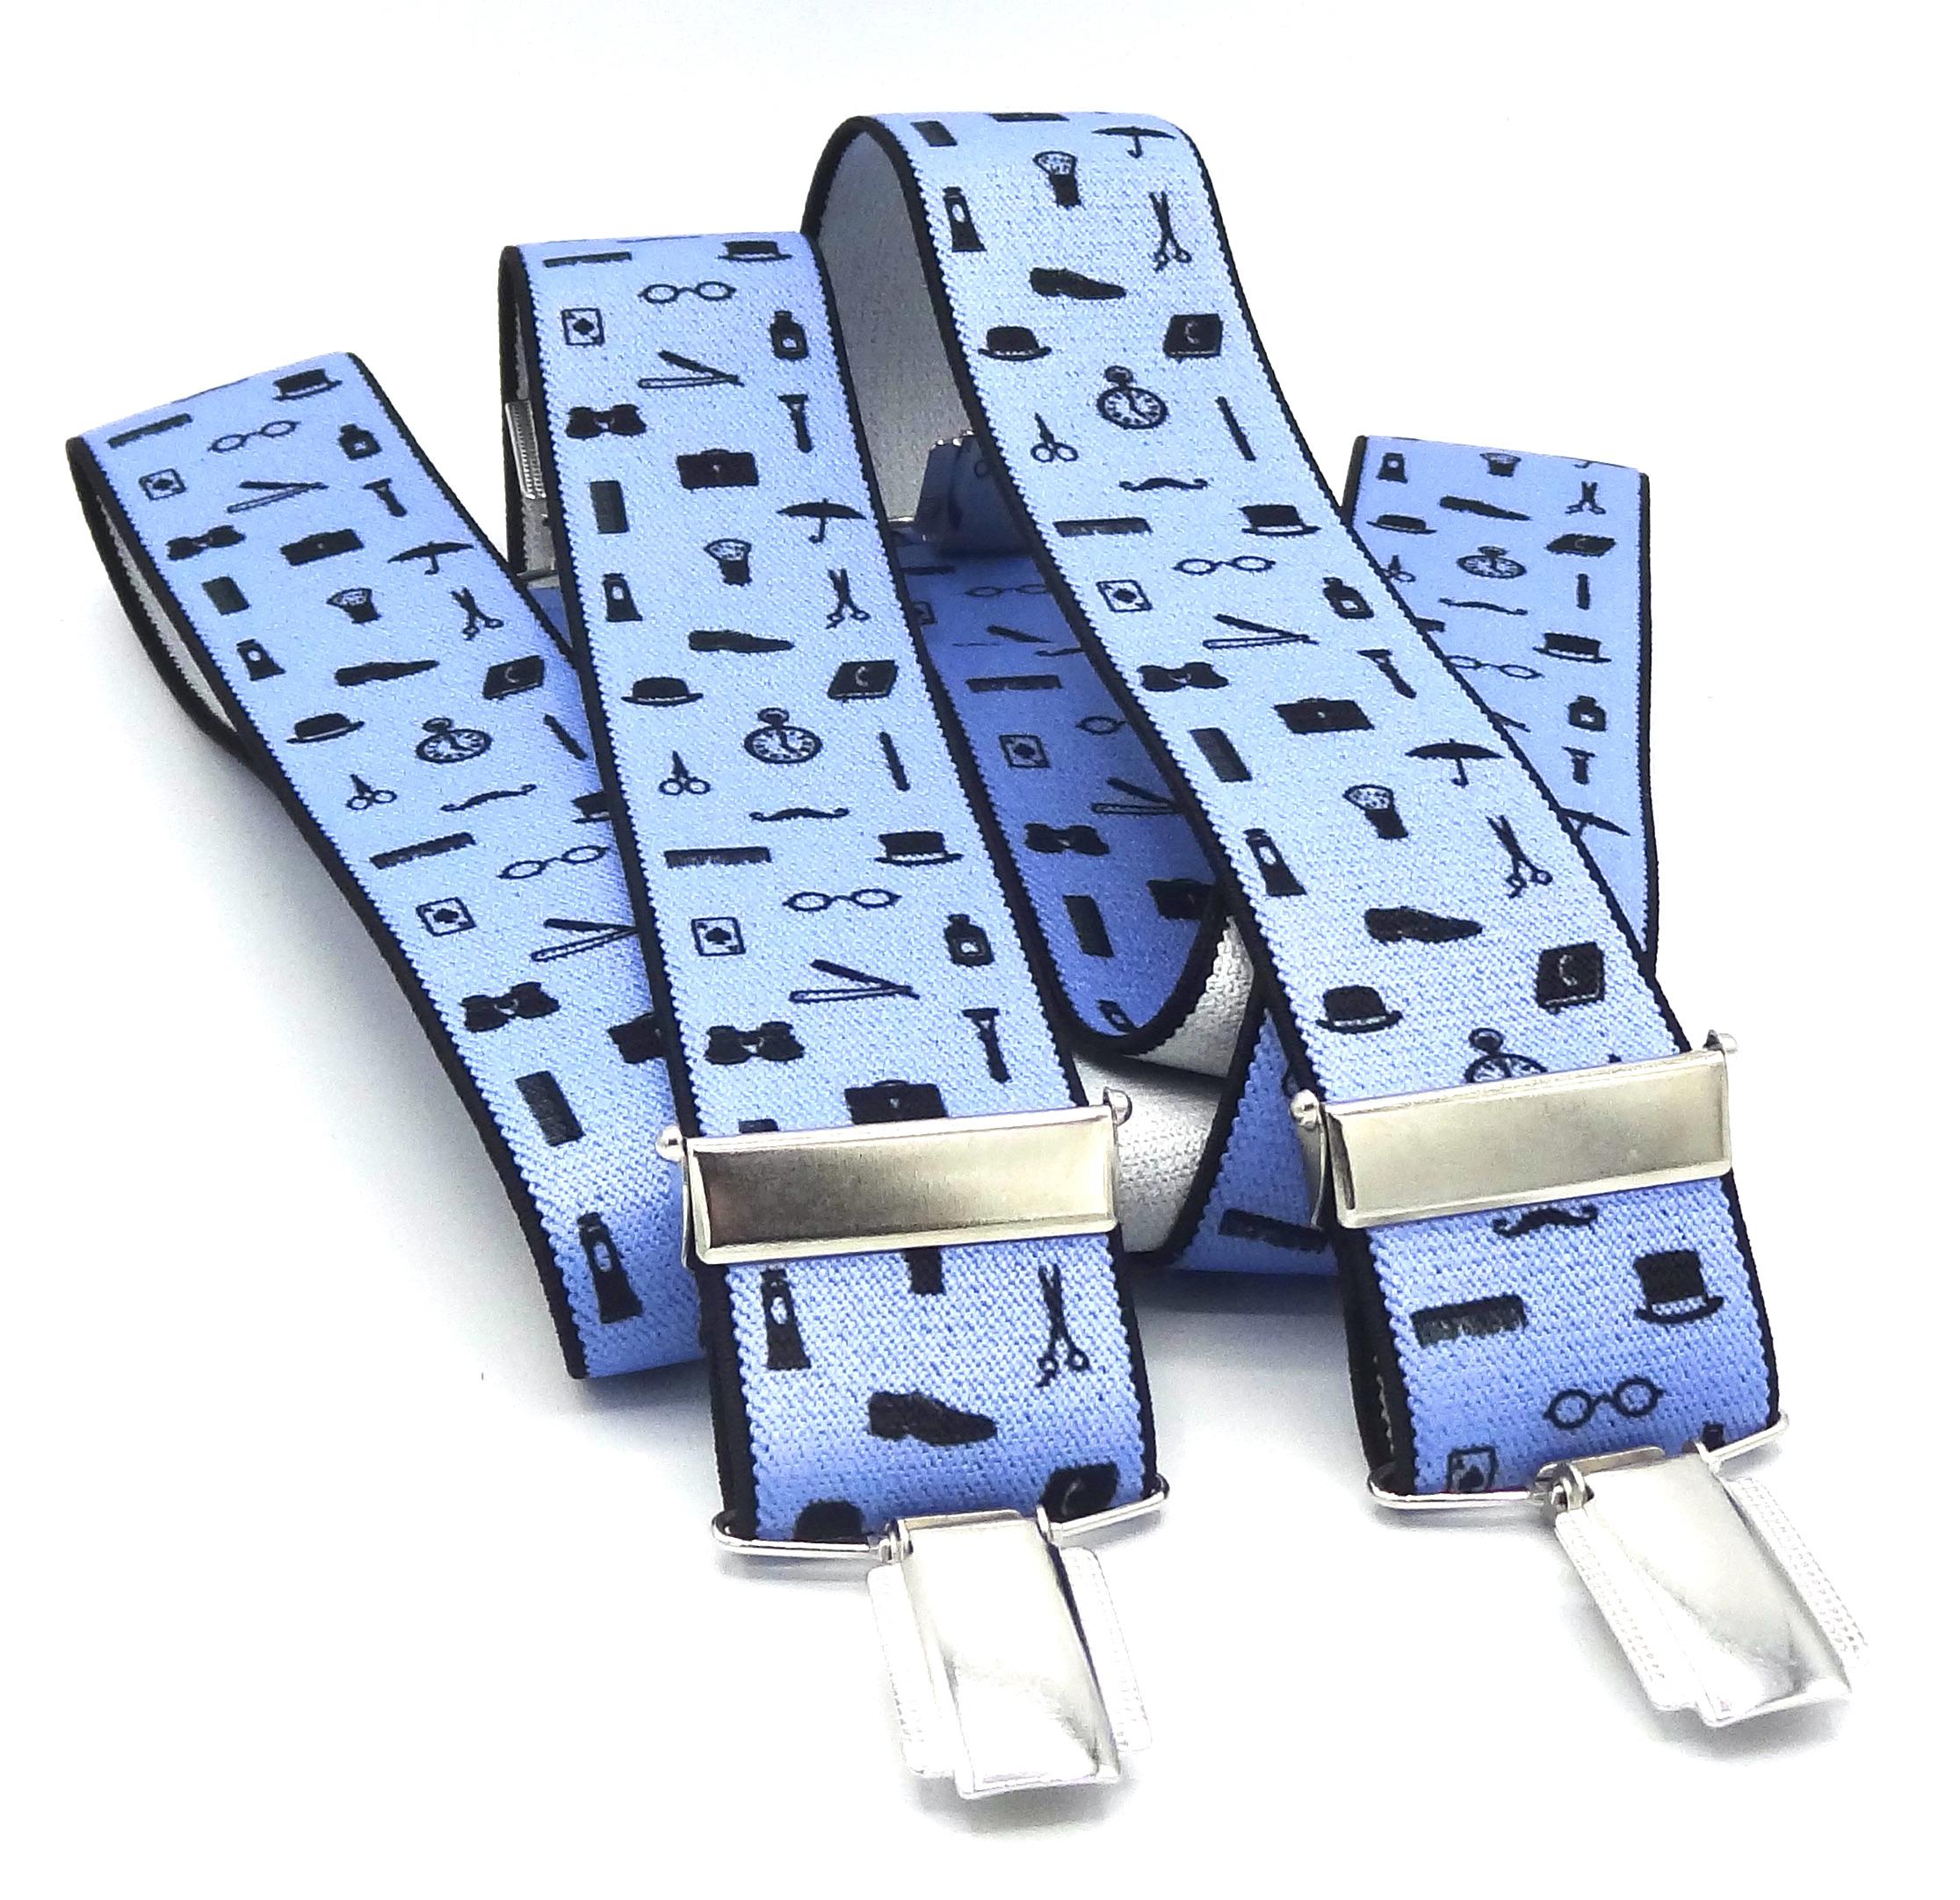 Bretels lichtblauw met zwarte figuurtjes